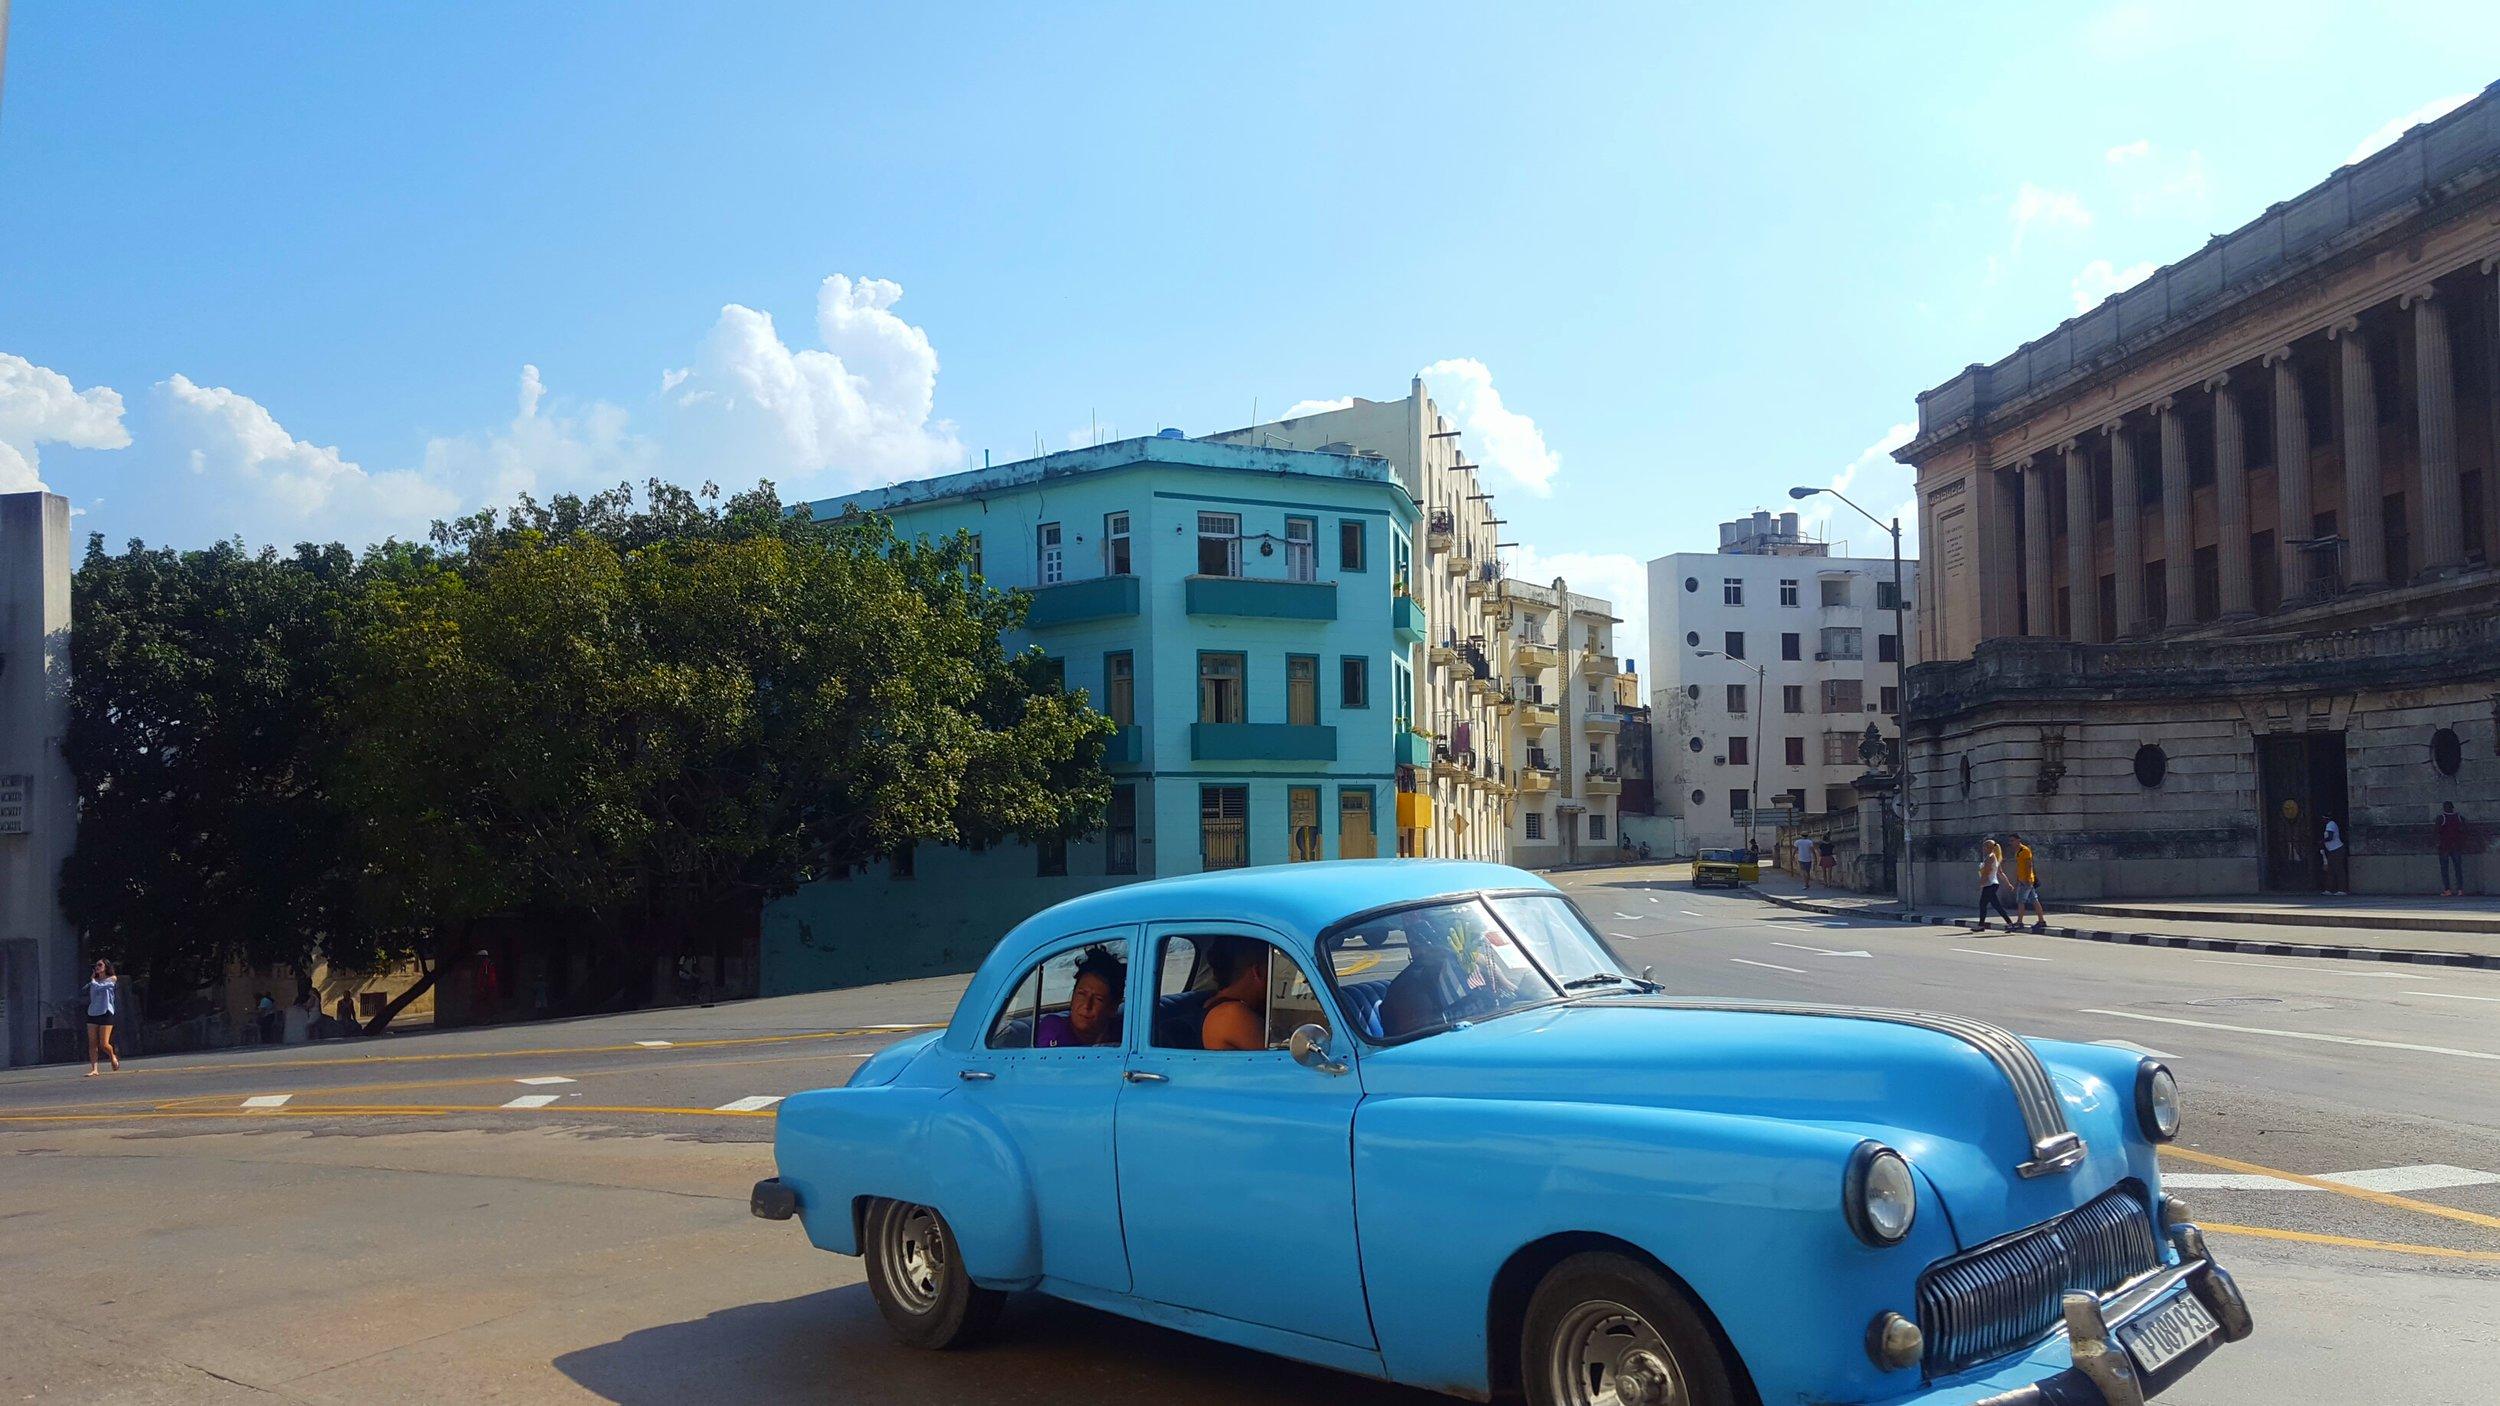 A taxi near La Universidad de la Habana (University of Havana). Photo by Nadia Sesay.